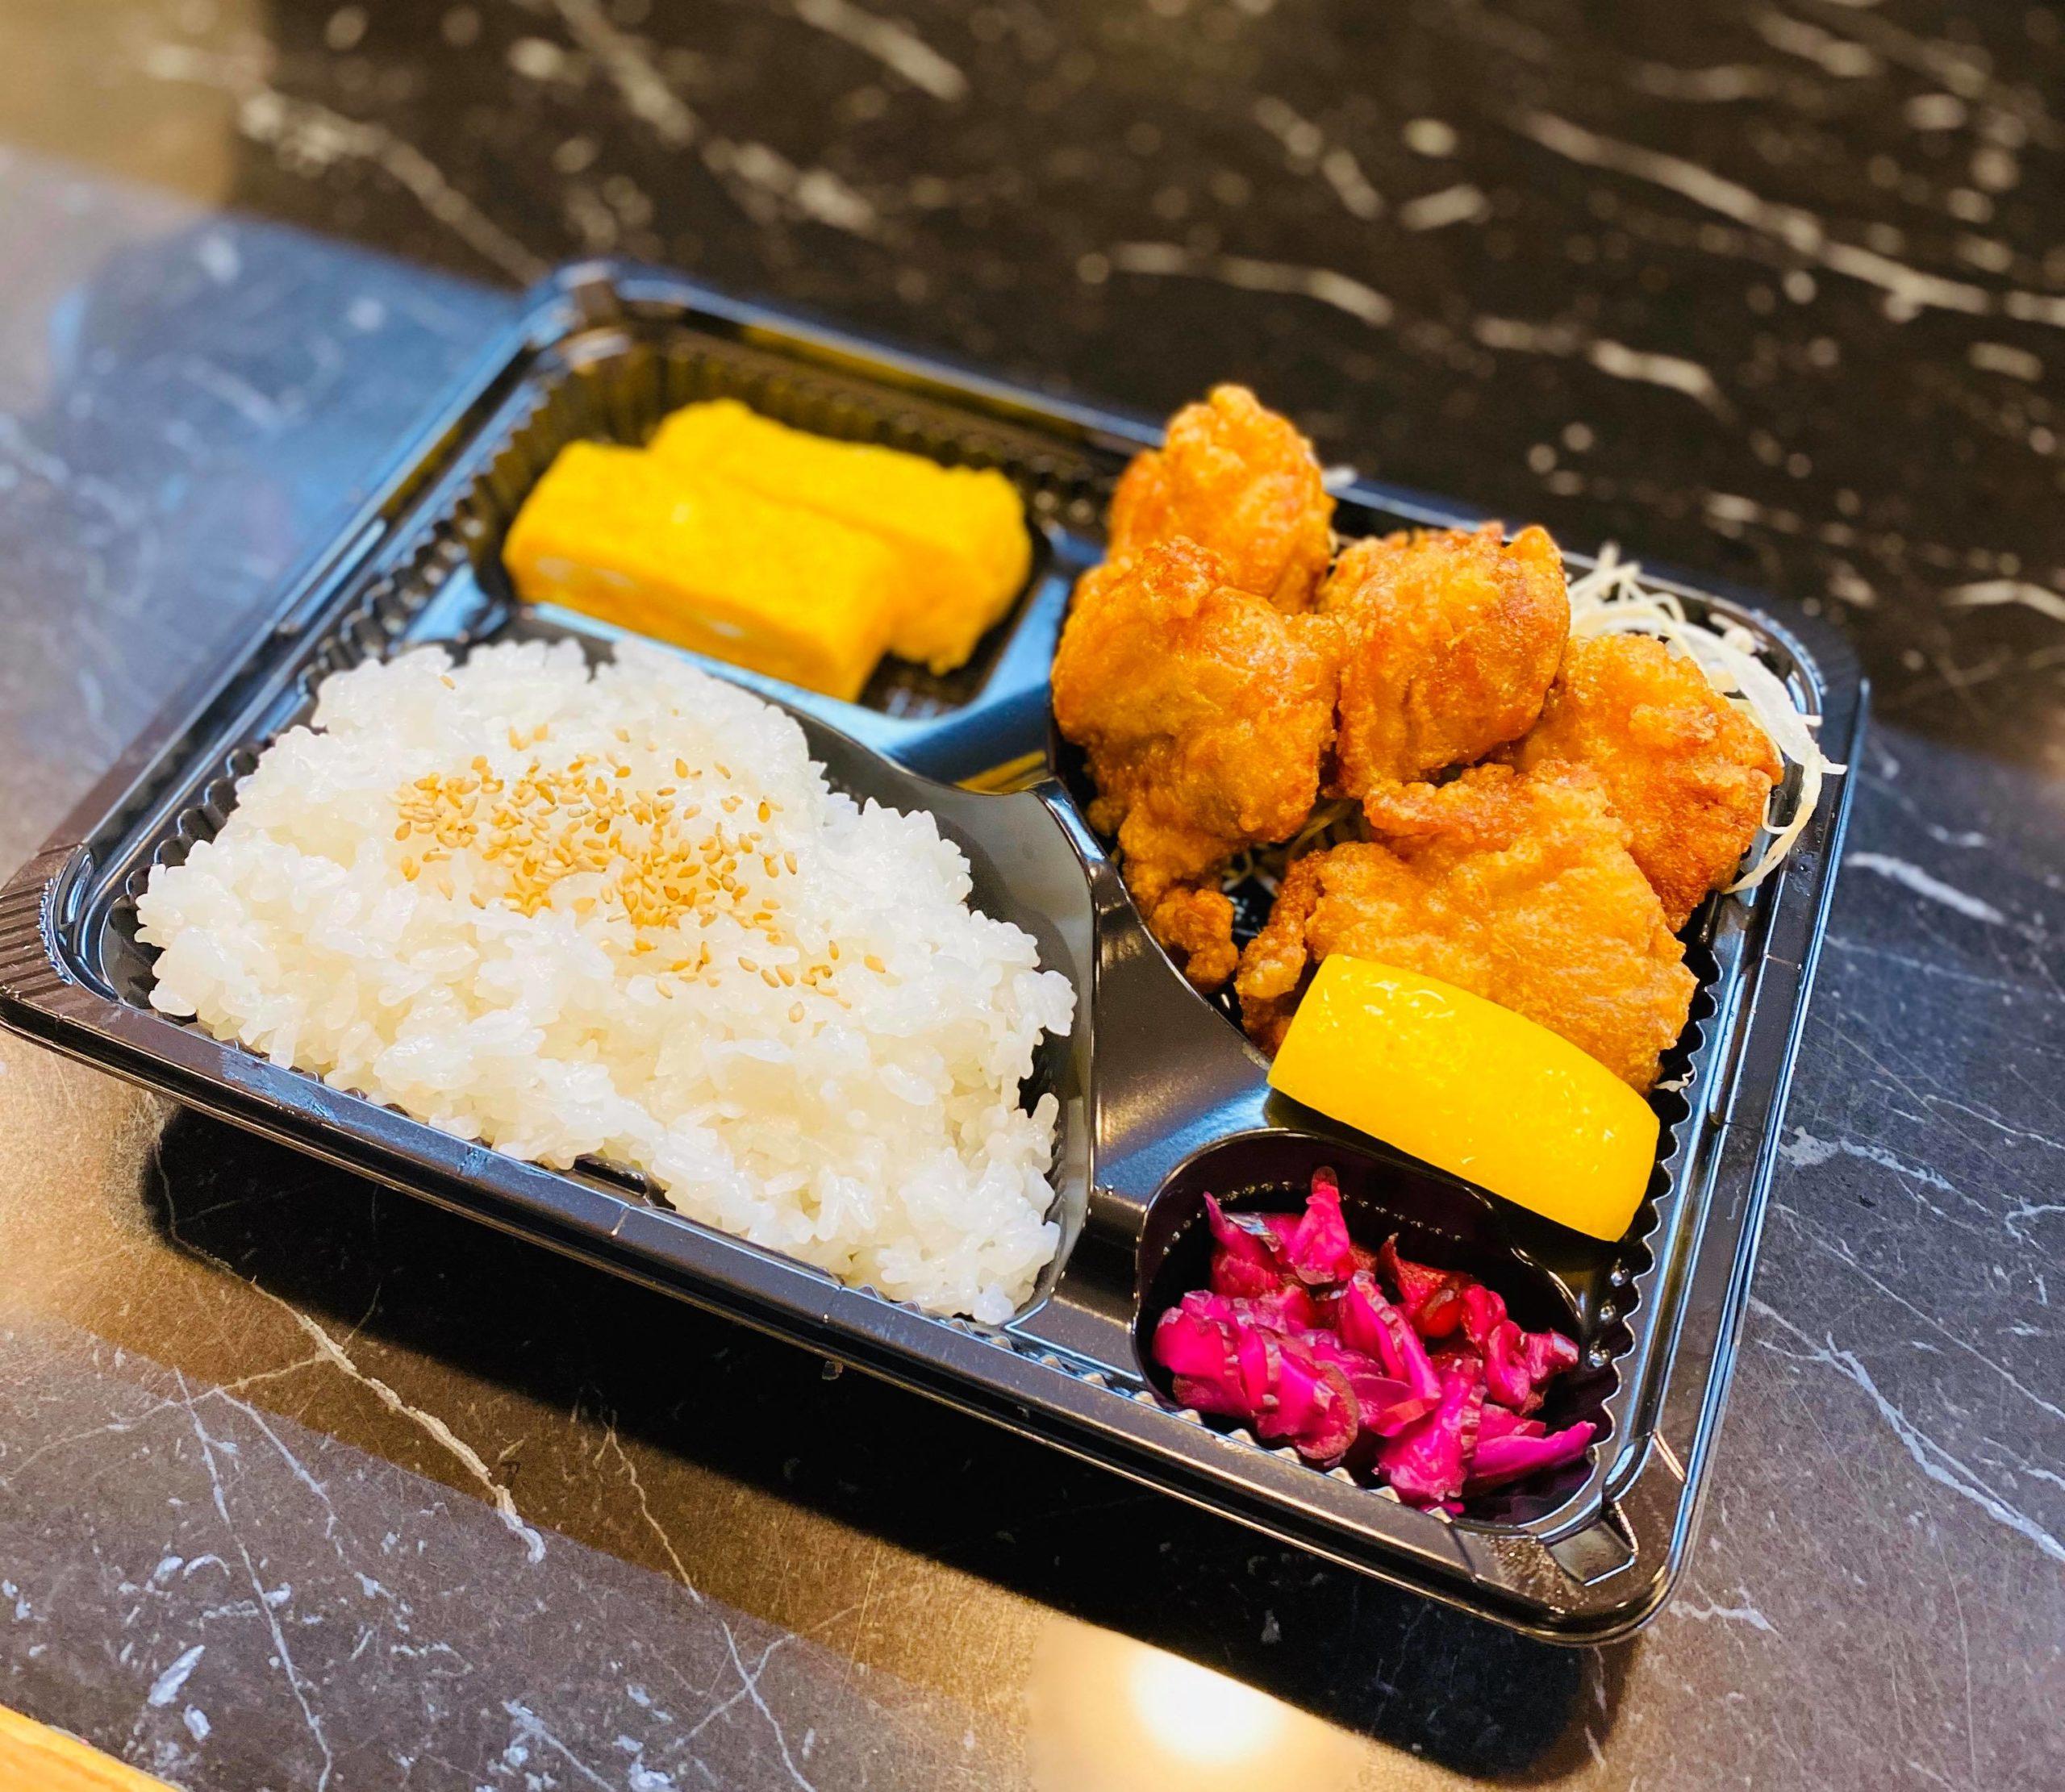 高石おうちじかん、泉大津のいち輪では、お弁当や丼のテイクアウトや出前もおこなってます。